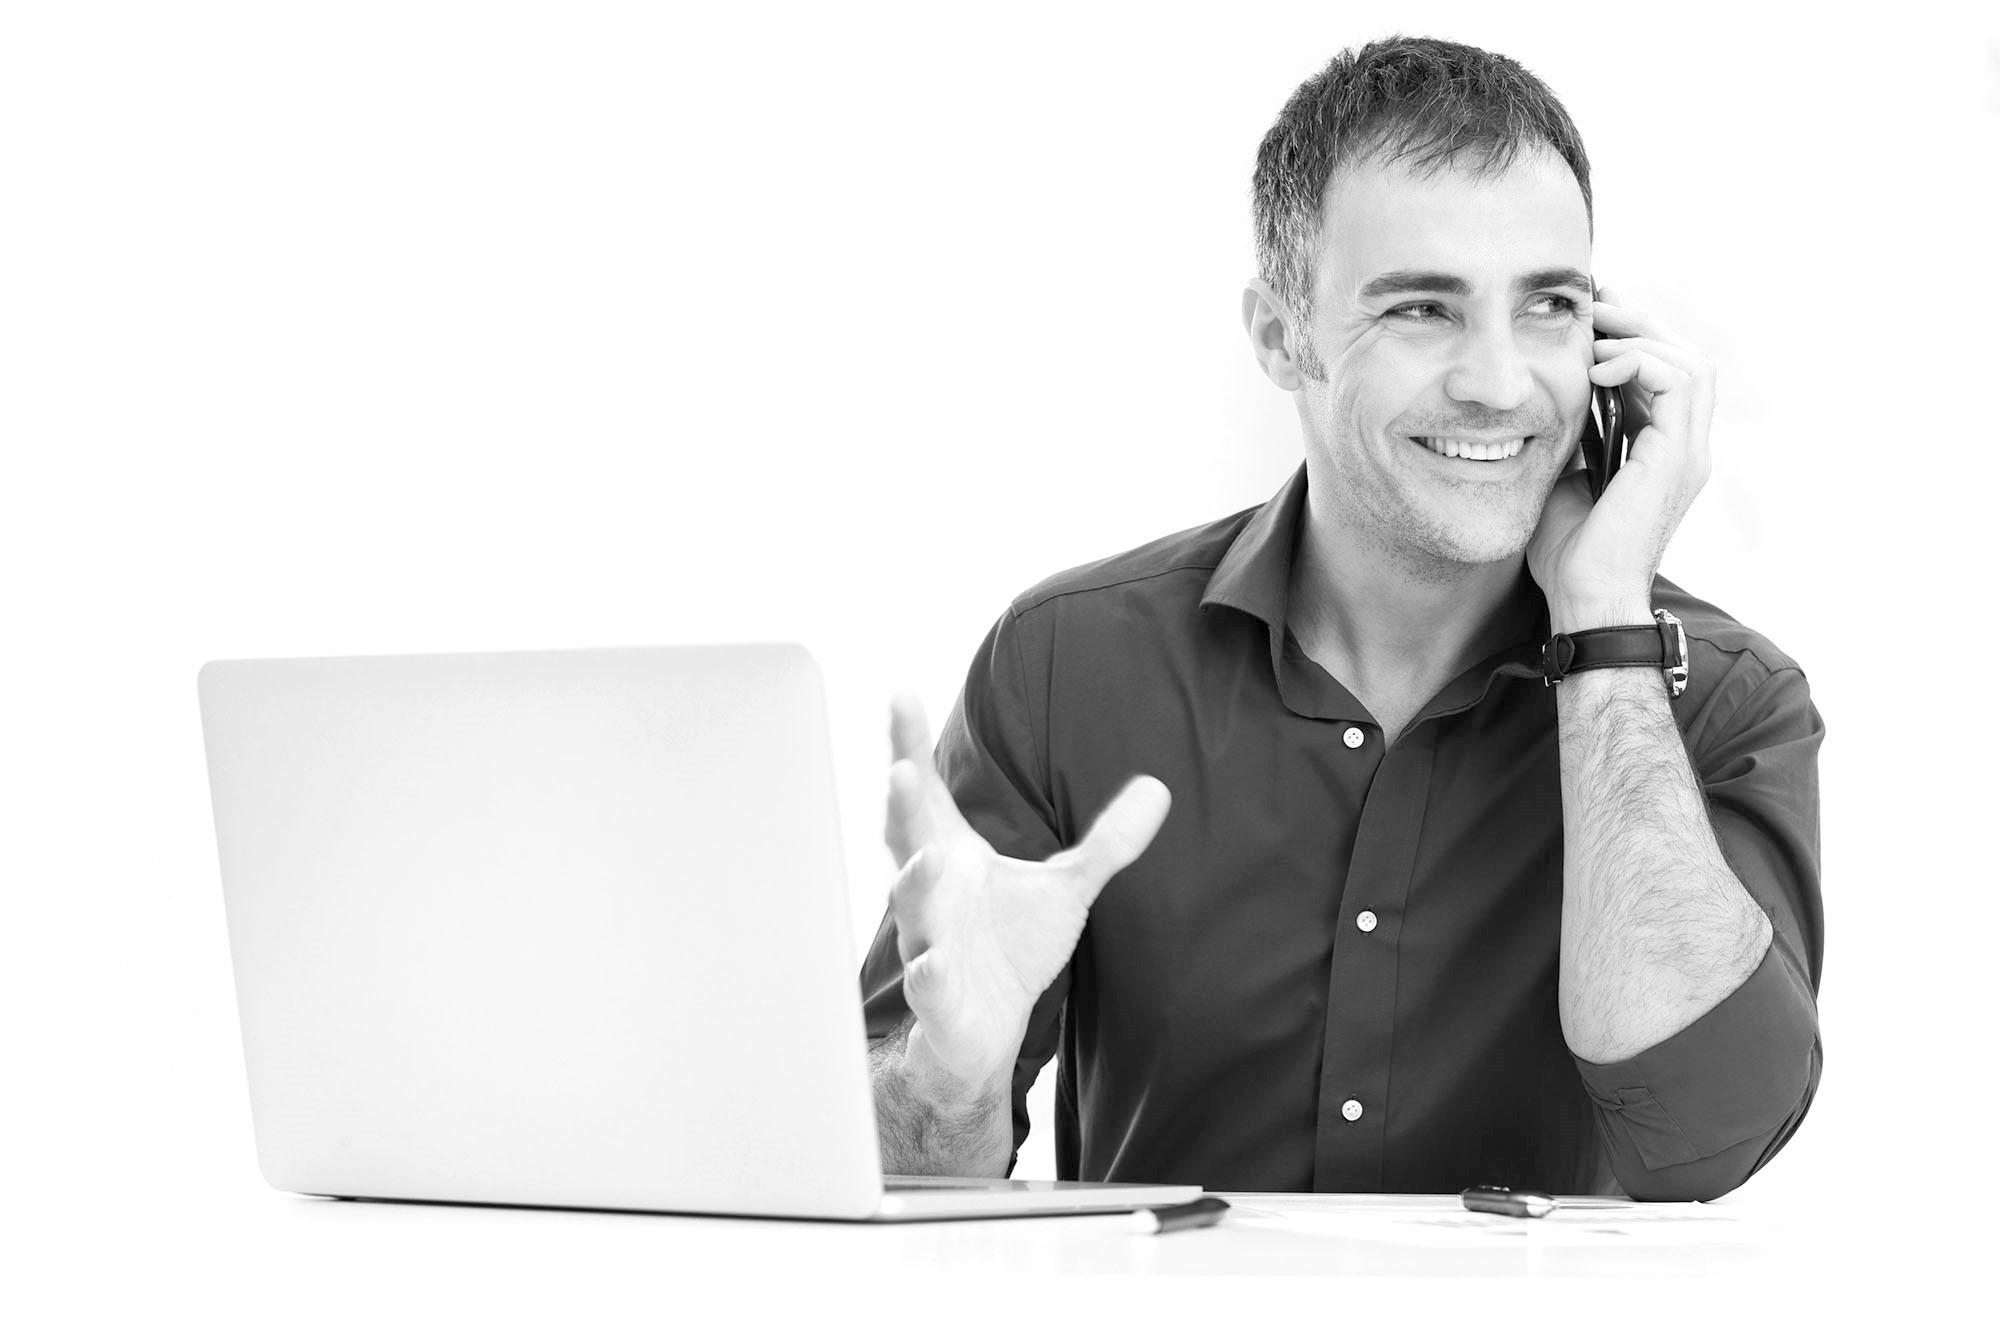 Trabaja con nosotros comunicaci n empresarial - Trabaja con nosotros tenerife ...